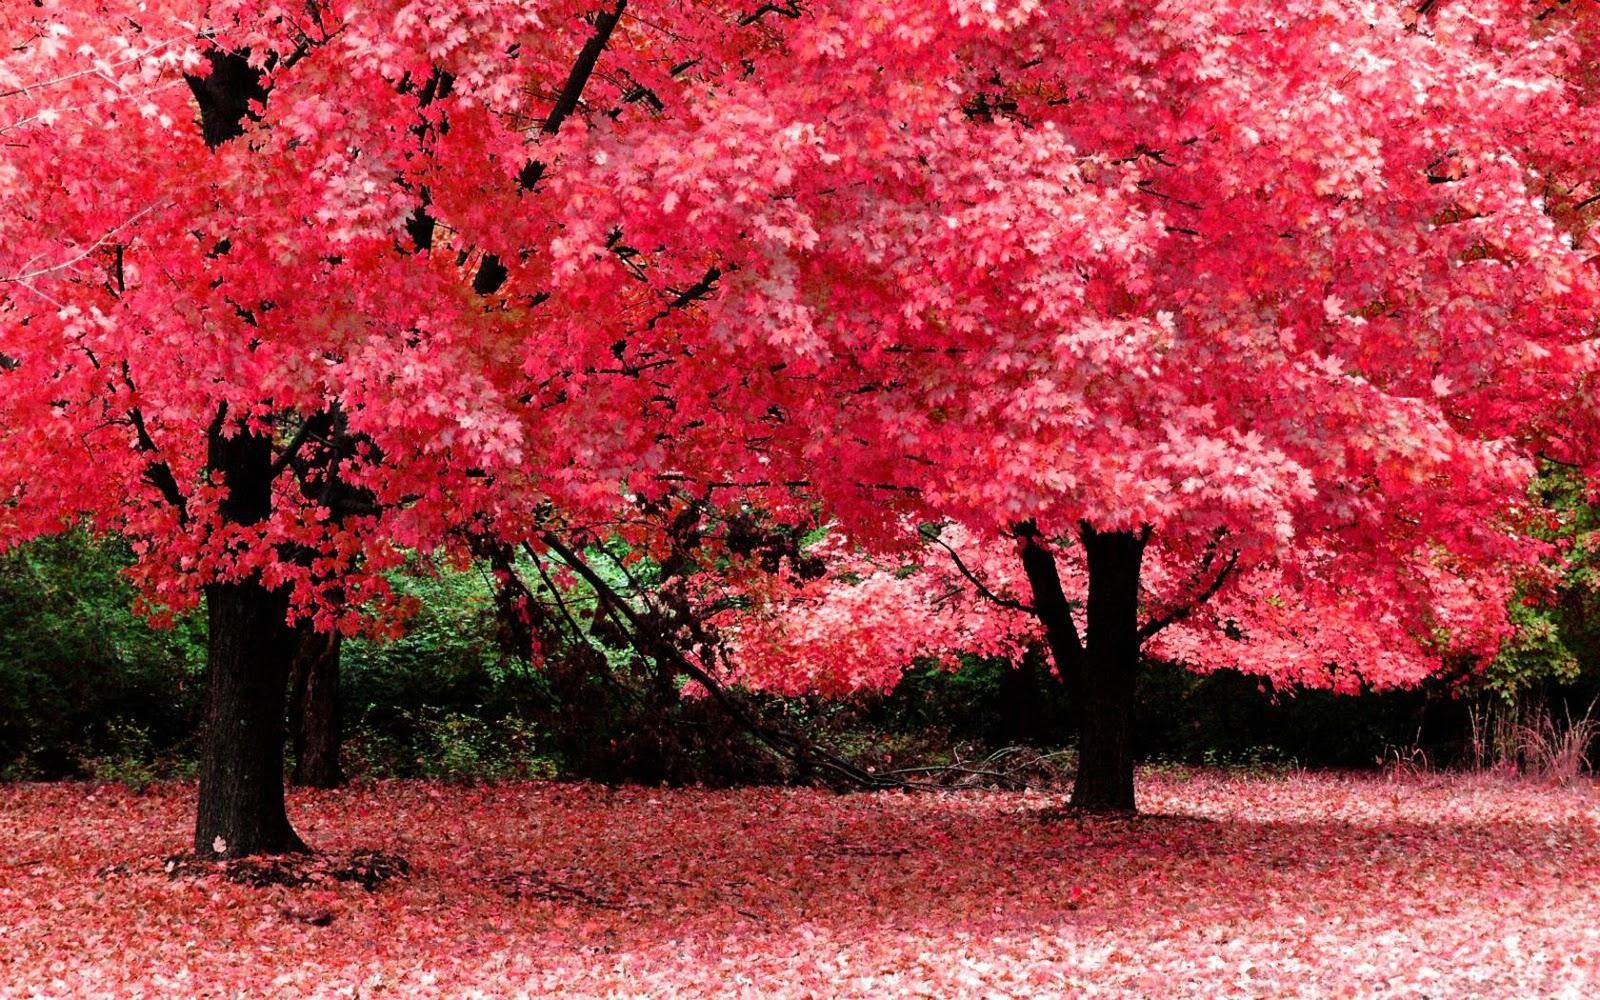 Good Wallpaper High Resolution Widescreen - autumn_fantasy+high+resolution+widescreen+nature+wallpapers  Gallery_96564.jpg